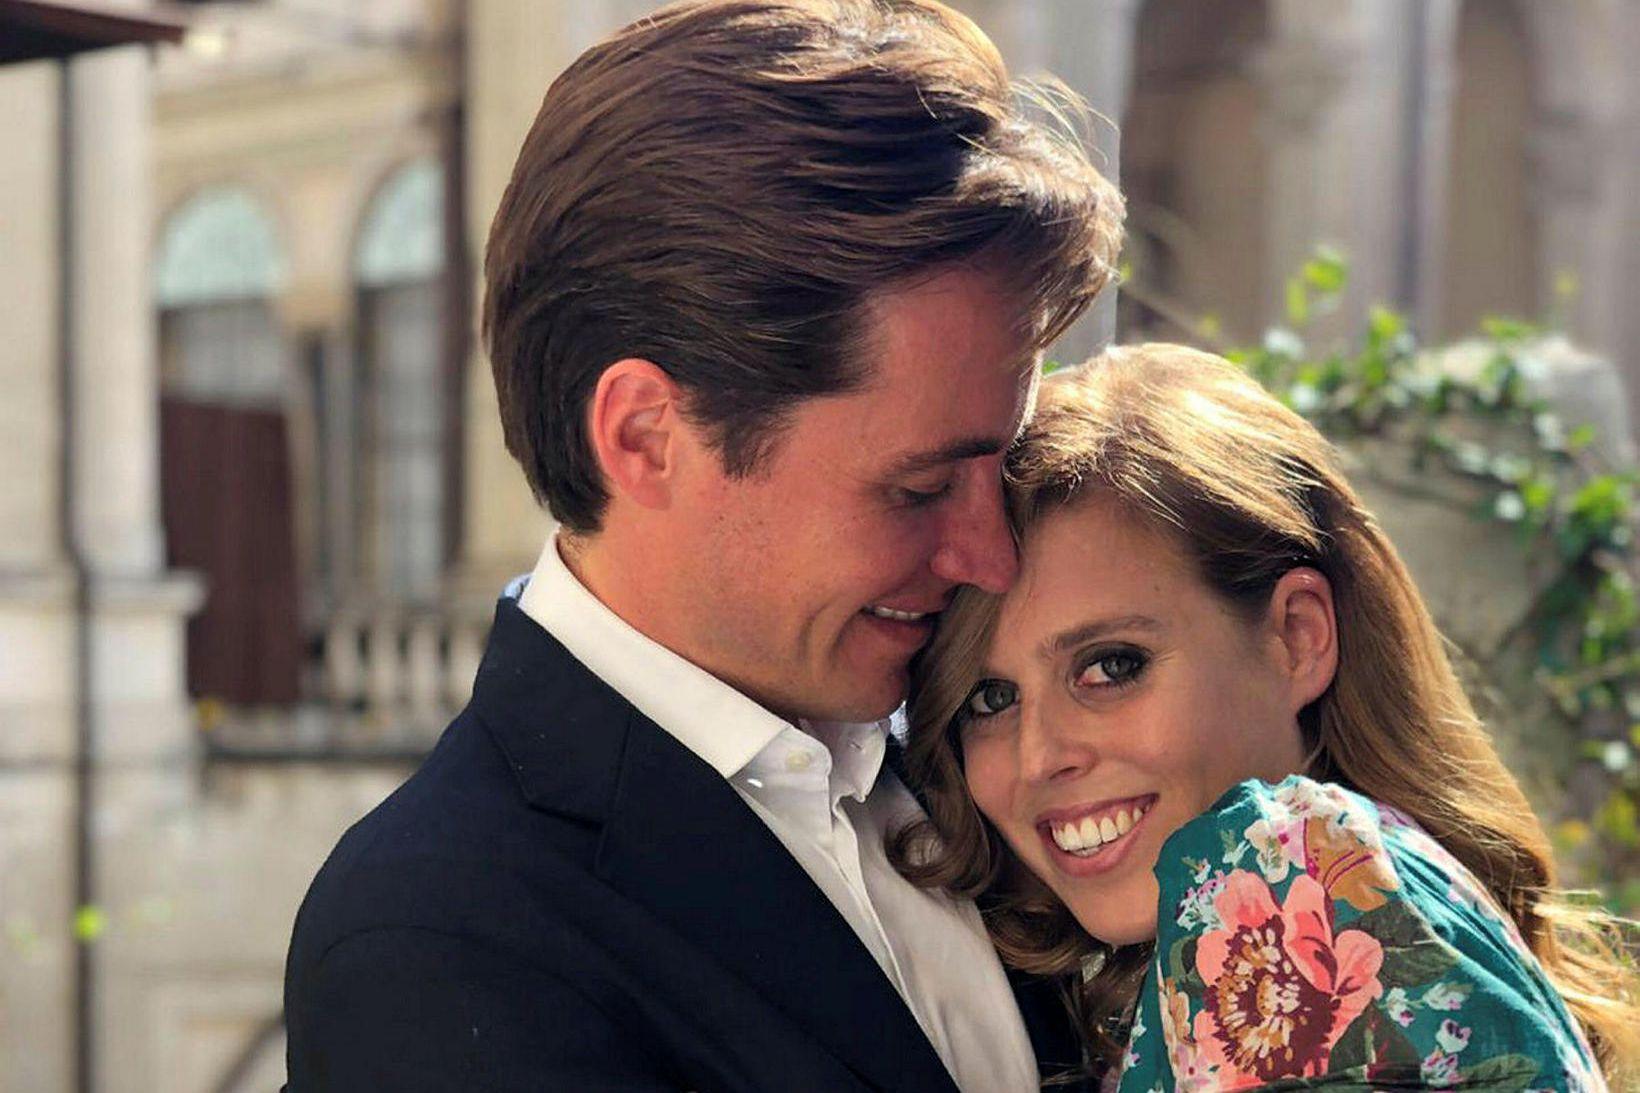 Edoardo Mapelli Mozzi og Beatrice prinsessa ganga í það heilaga …